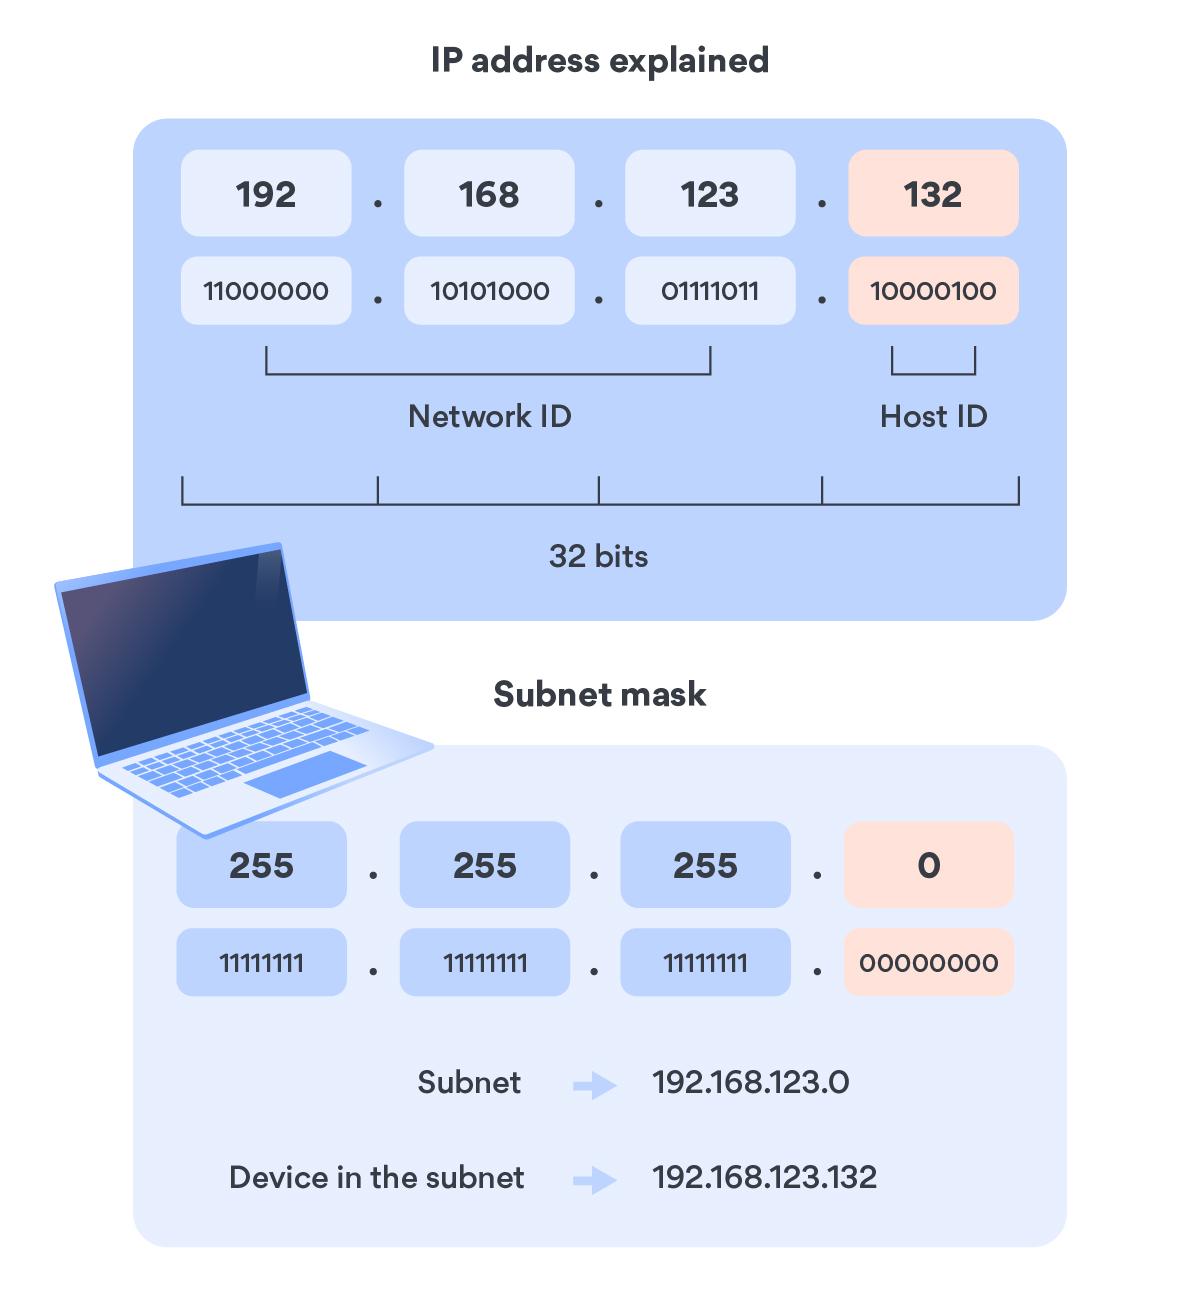 IP address explained